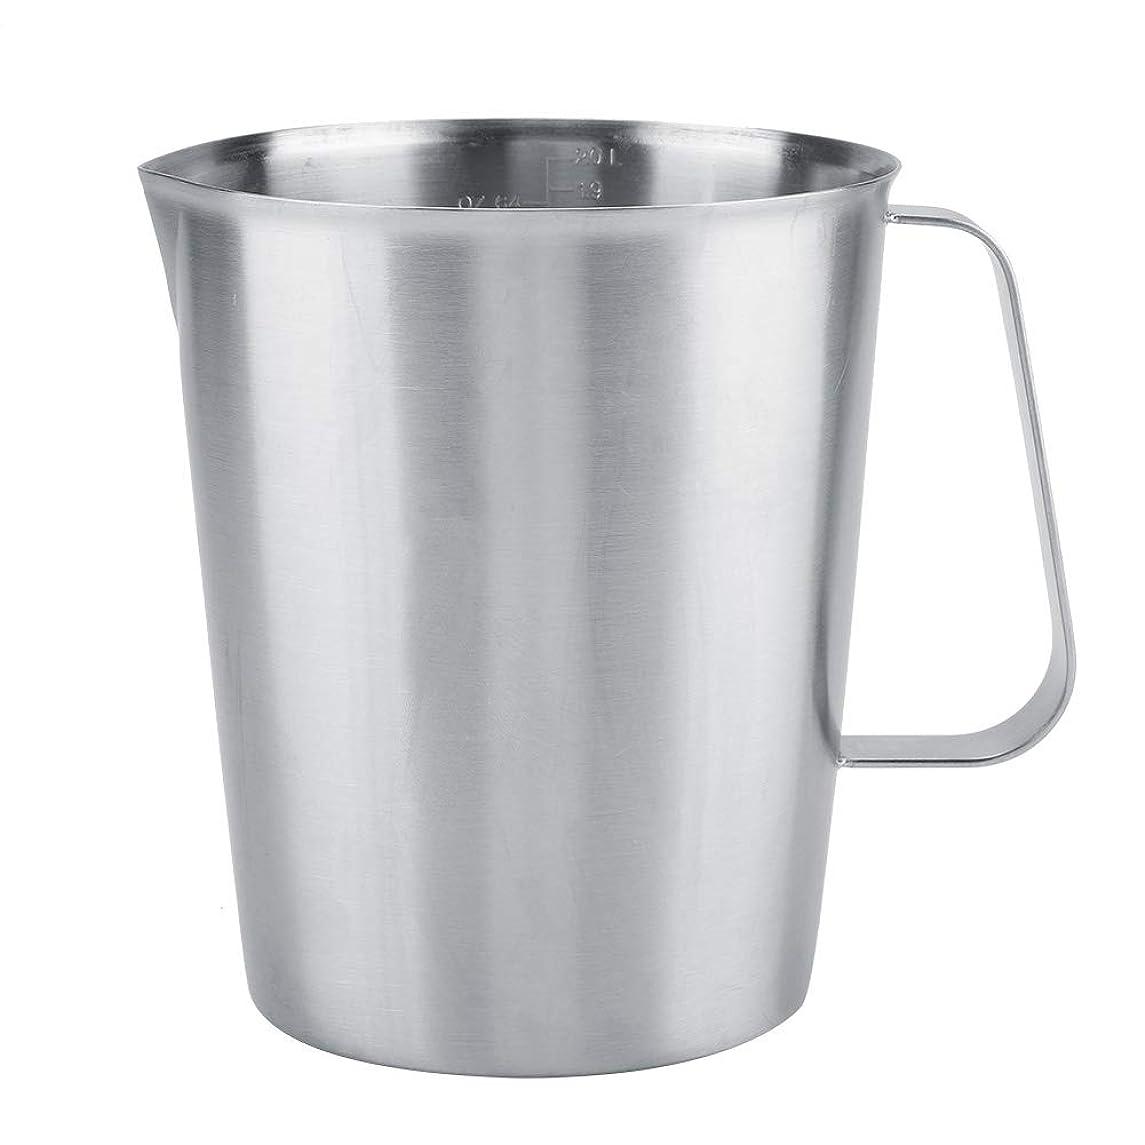 足首エチケット圧縮ミルク泡立てカップ、2000ml大型ステンレス鋼計量カップマグカップミルク泡立てピッチャー水差しコーヒーメーカー